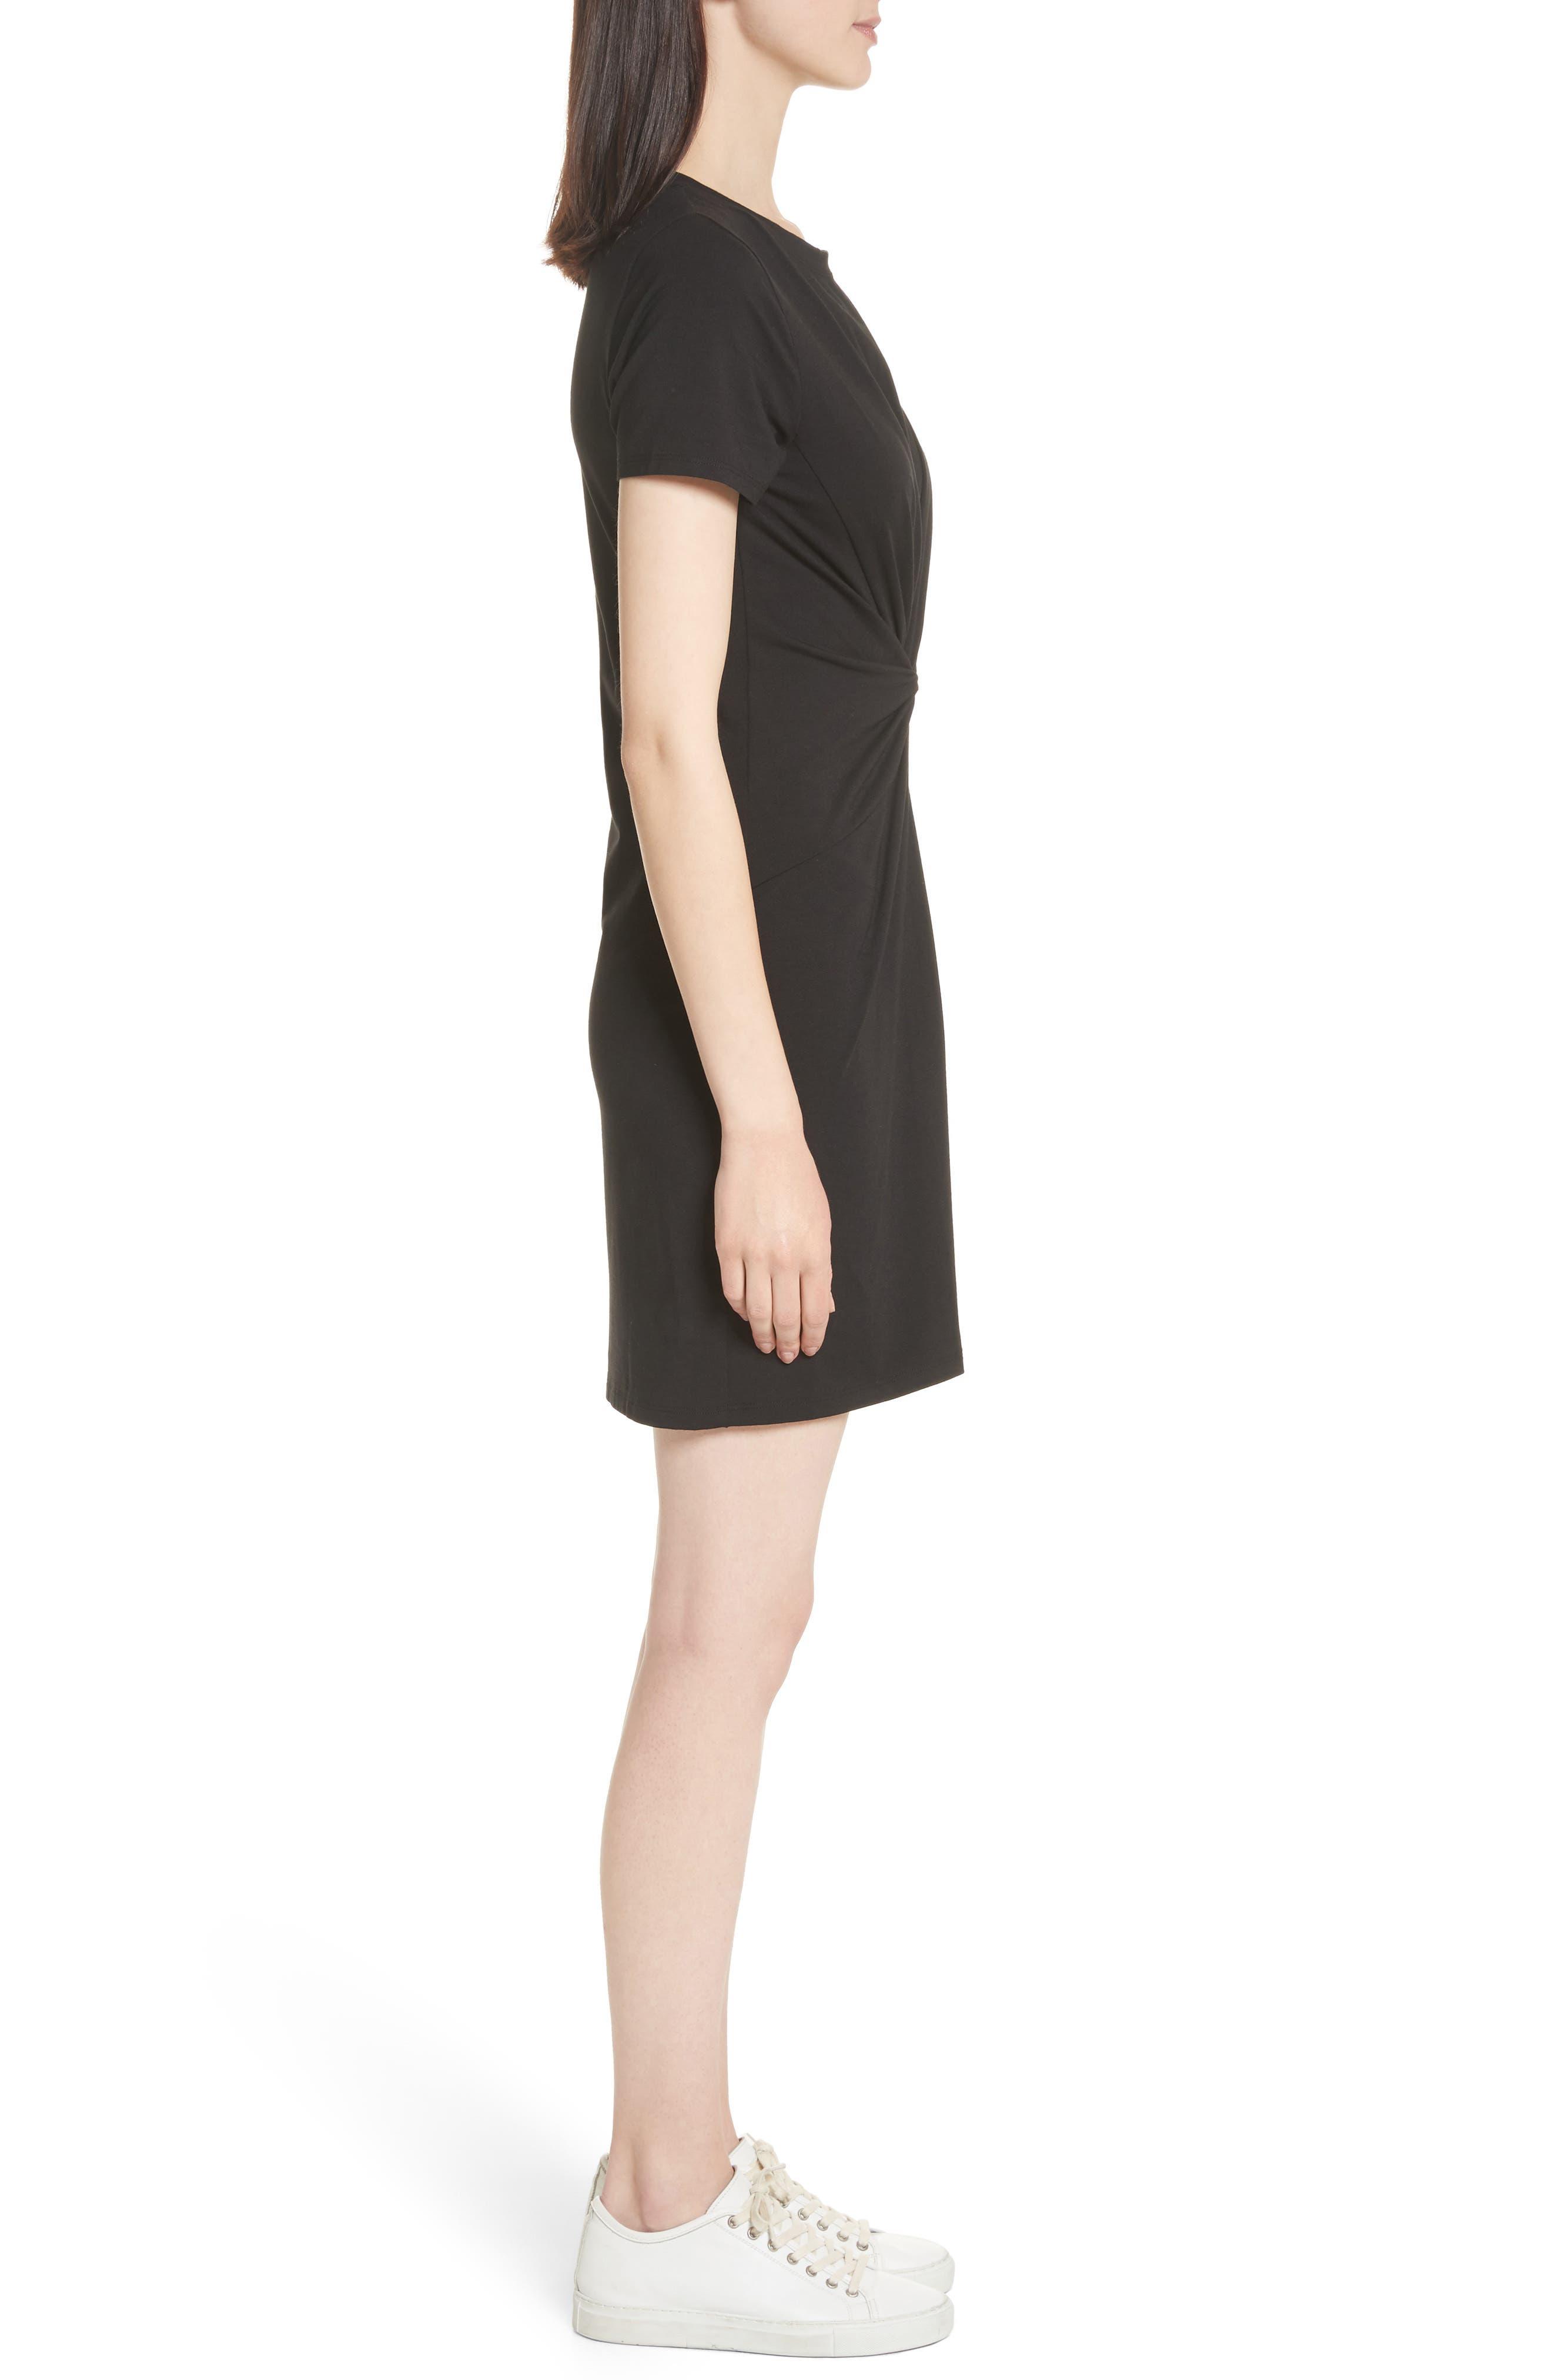 Rubri Knotted T-Shirt Dress,                             Alternate thumbnail 3, color,                             BLACK MULTI